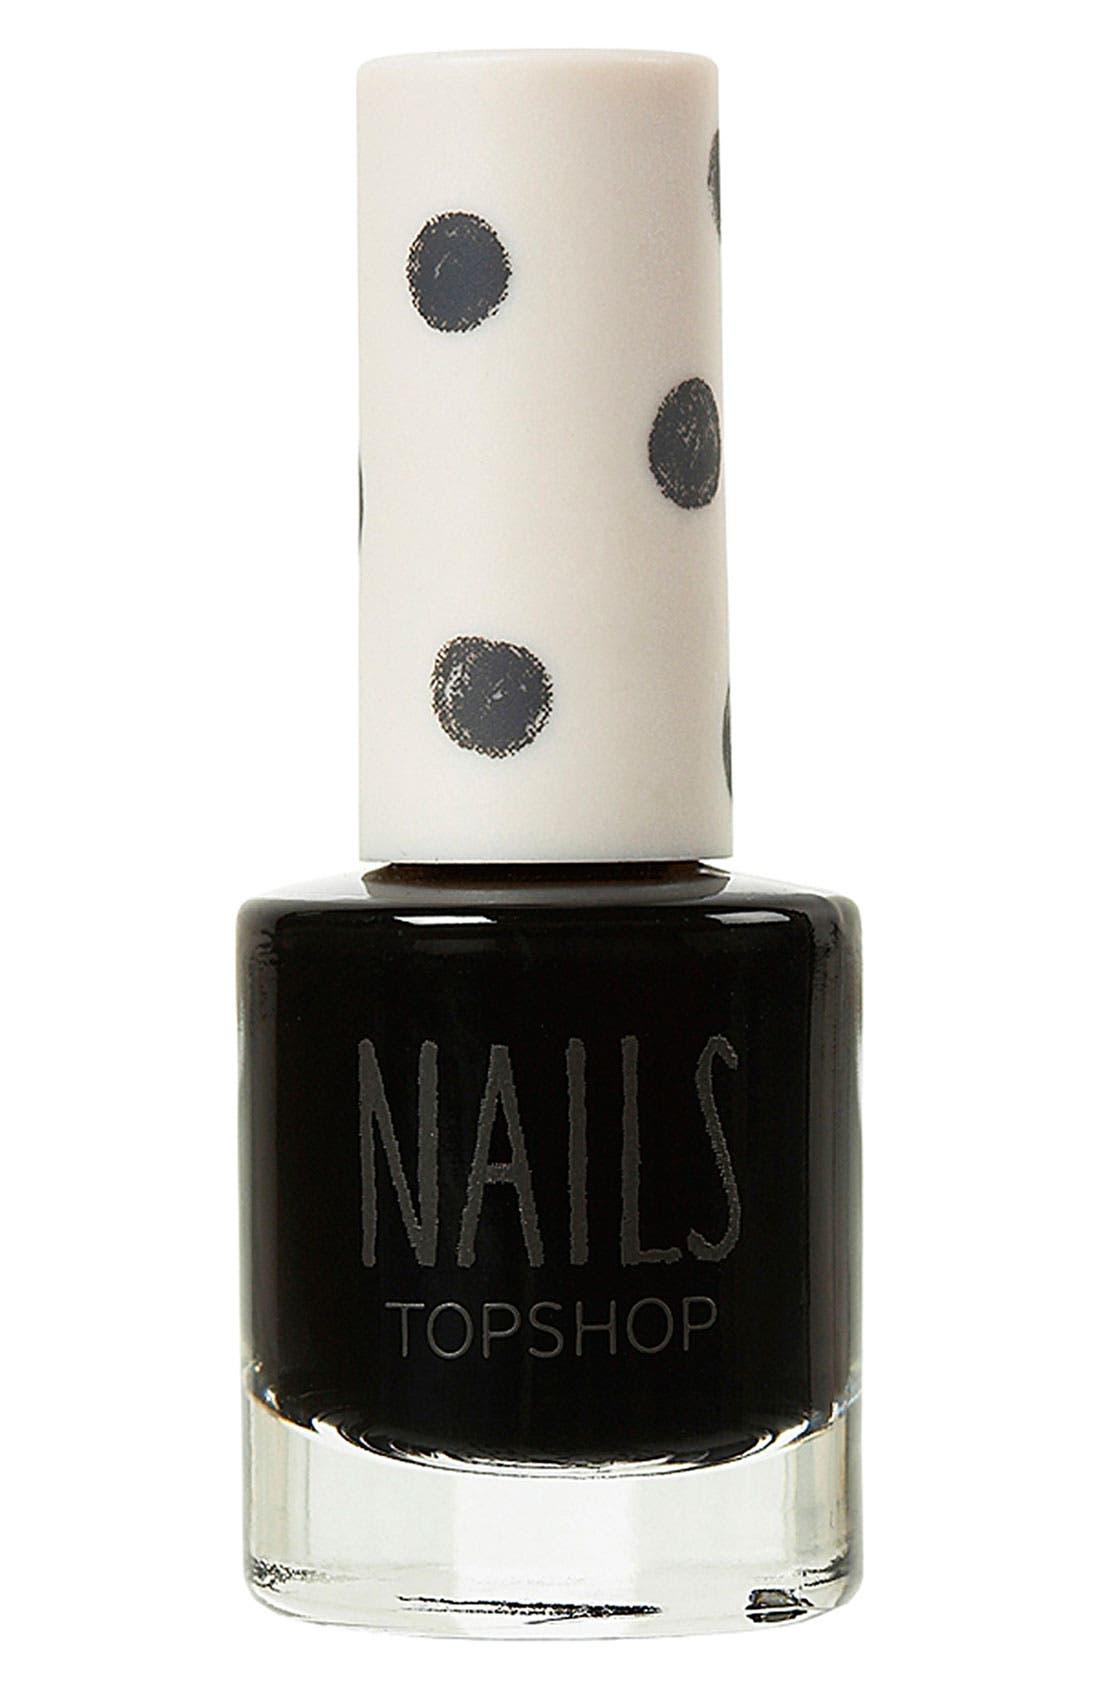 TOPSHOP, 'Cream' Nail Polish, Main thumbnail 1, color, 001